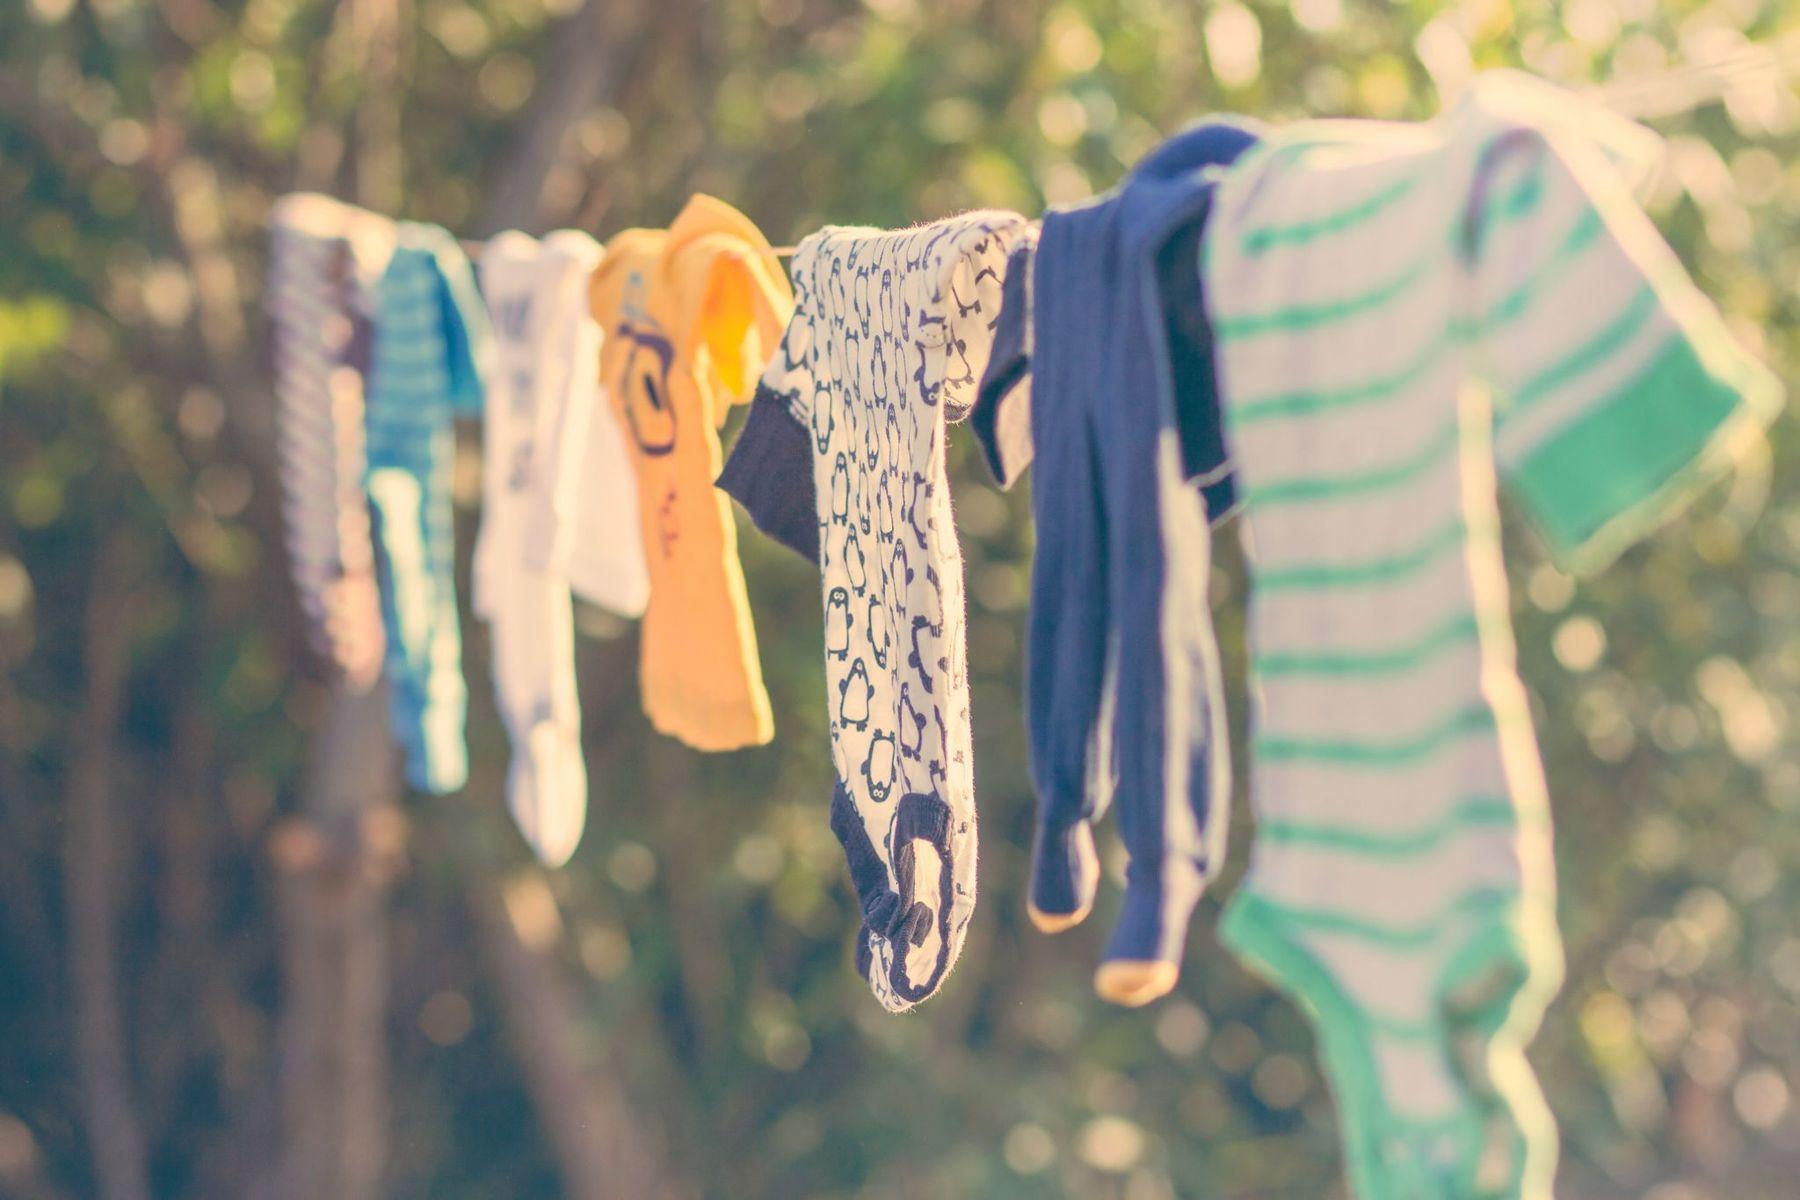 Phơi khô quần áo nơi thông thoáng, nhiều nắng